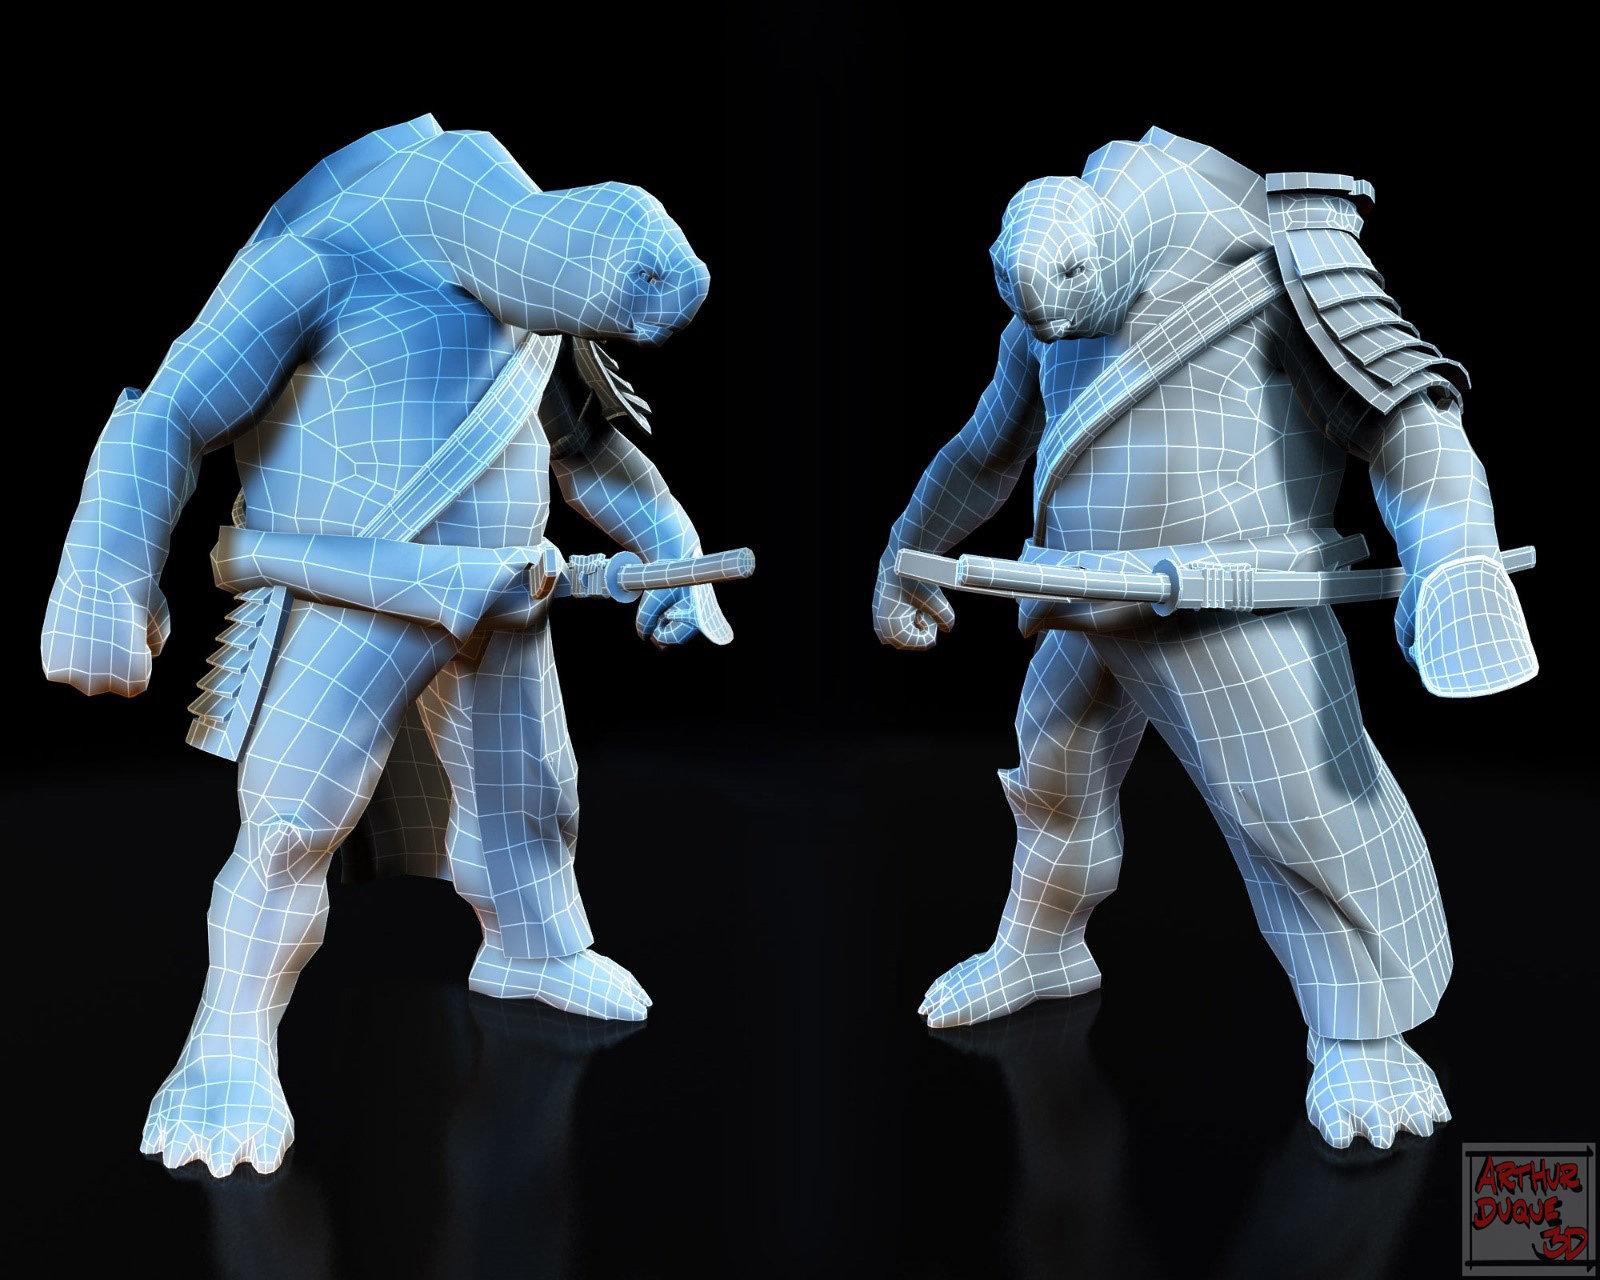 Arthur duque turtle 02